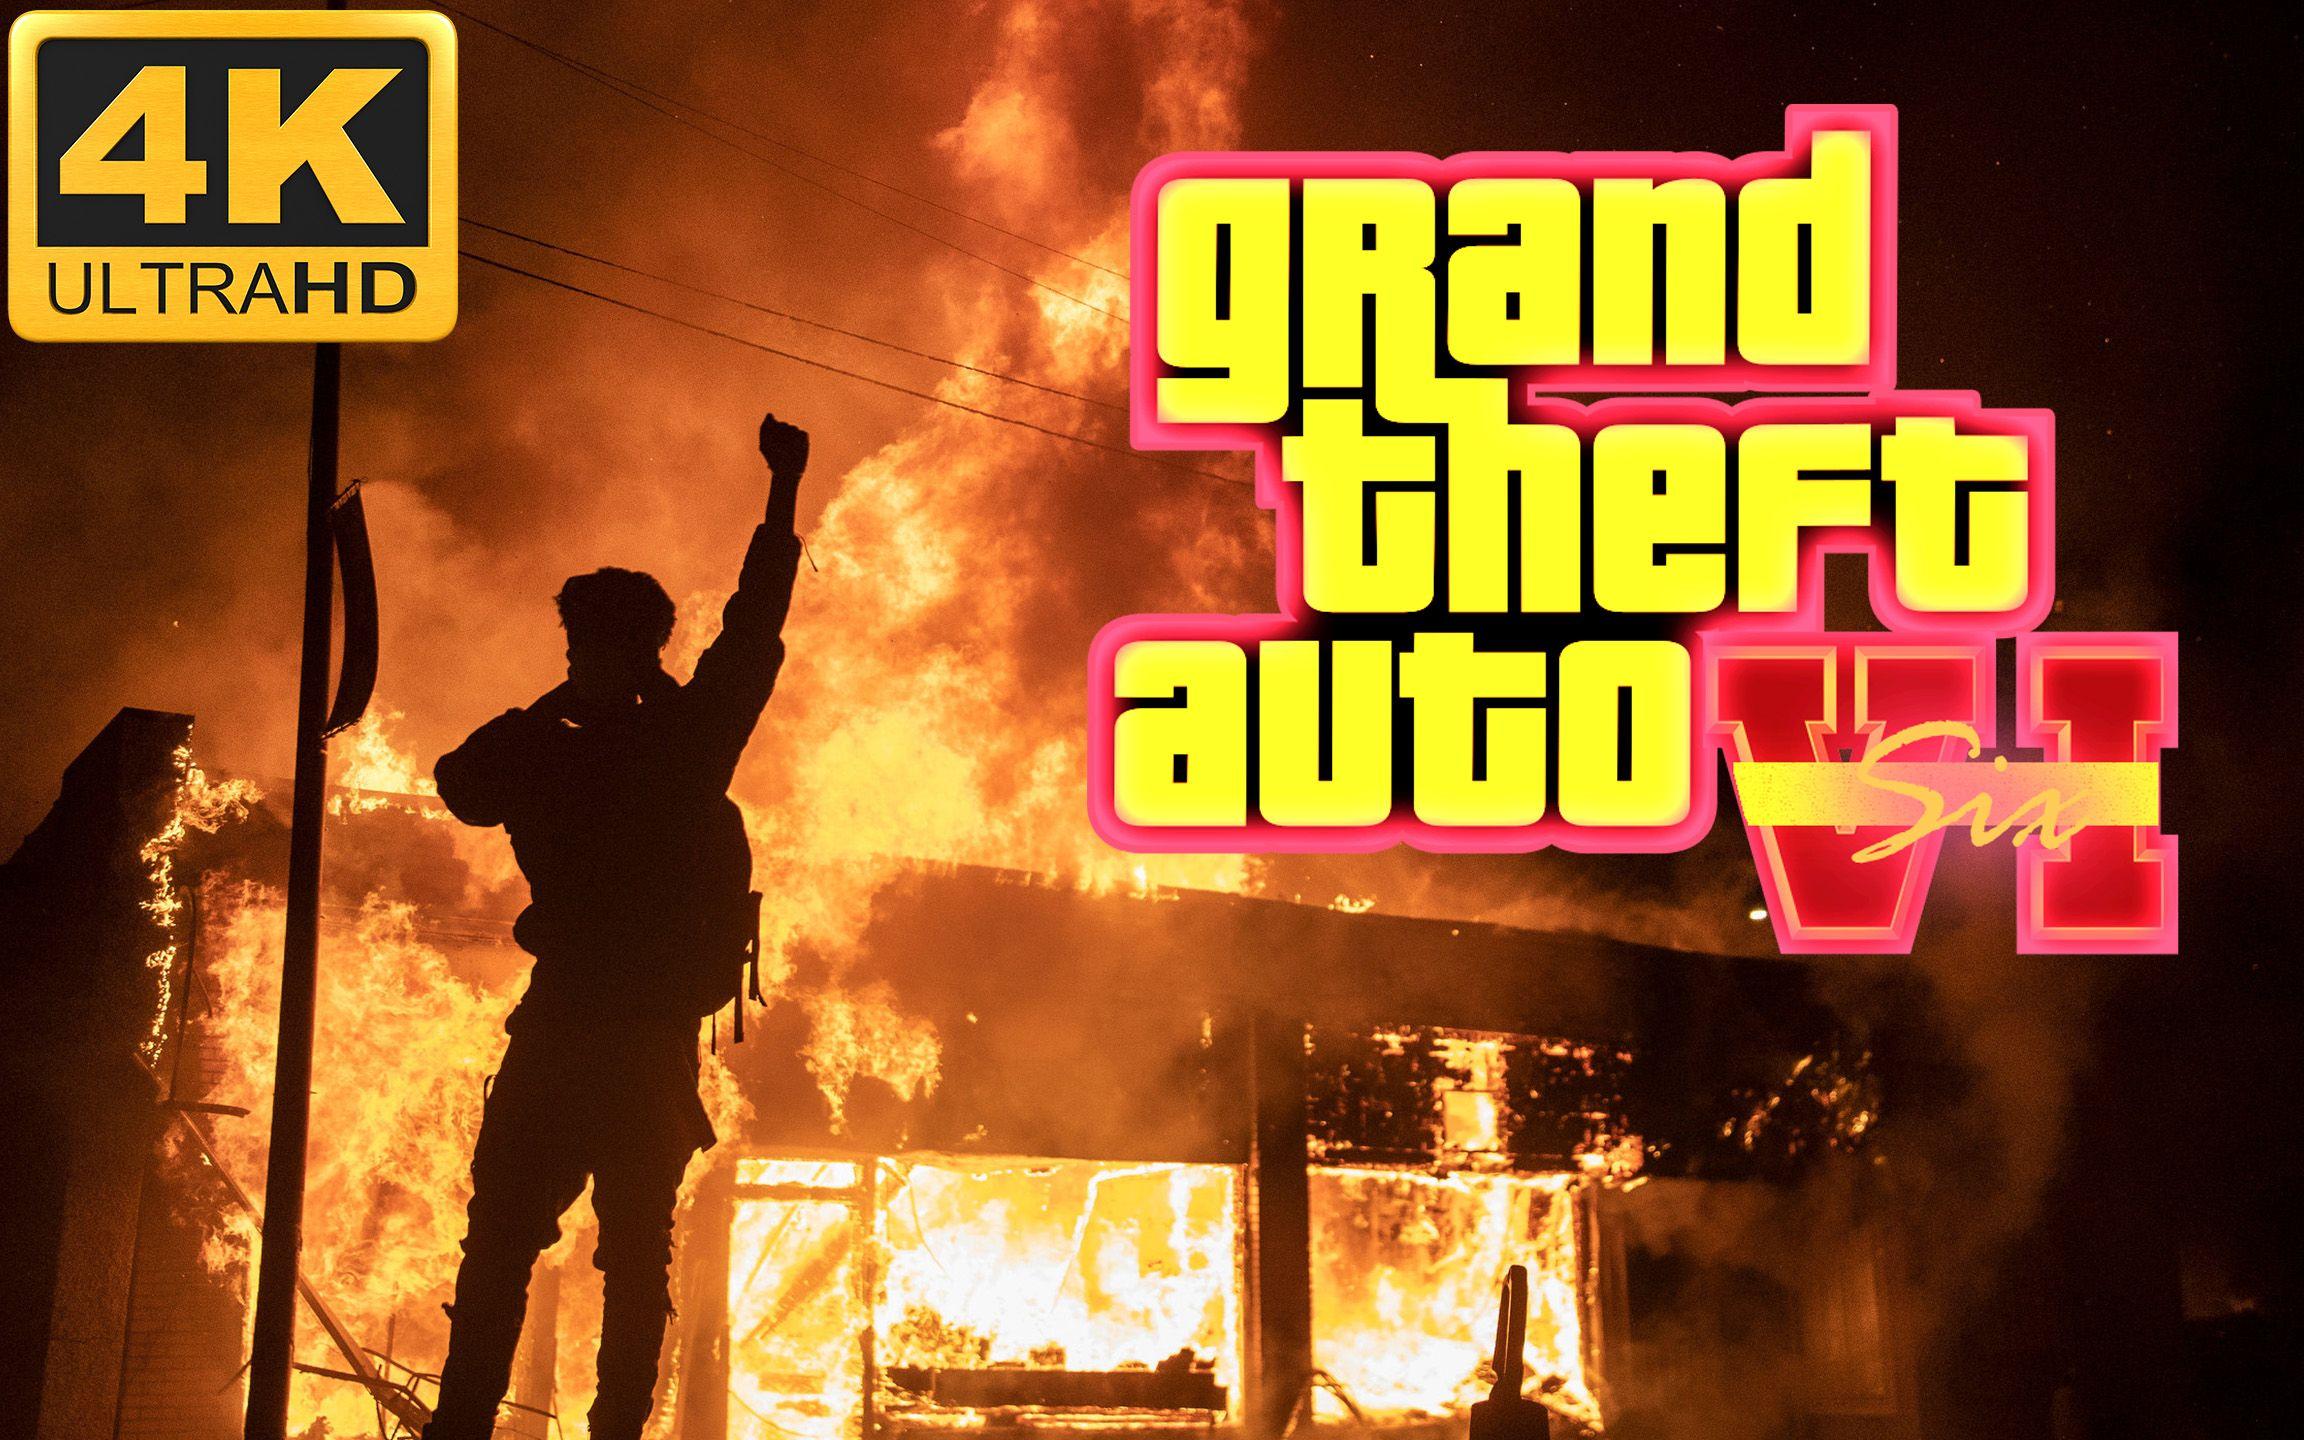 【4K极清】GTA 6—风景线 | 2020全美暴动实况